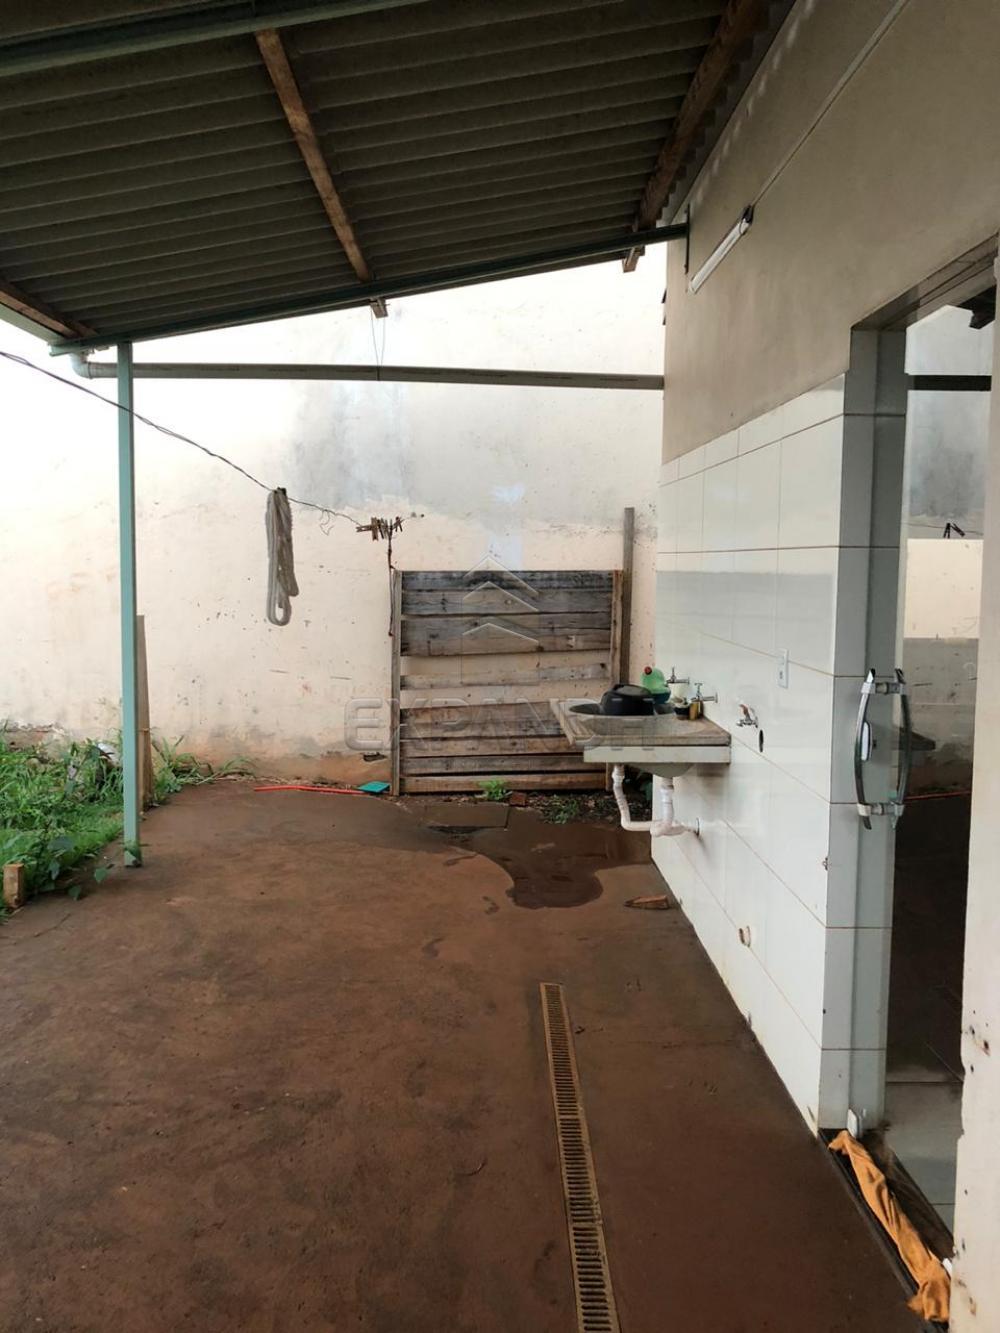 Alugar Casas / Padrão em Sertãozinho R$ 1.050,00 - Foto 10